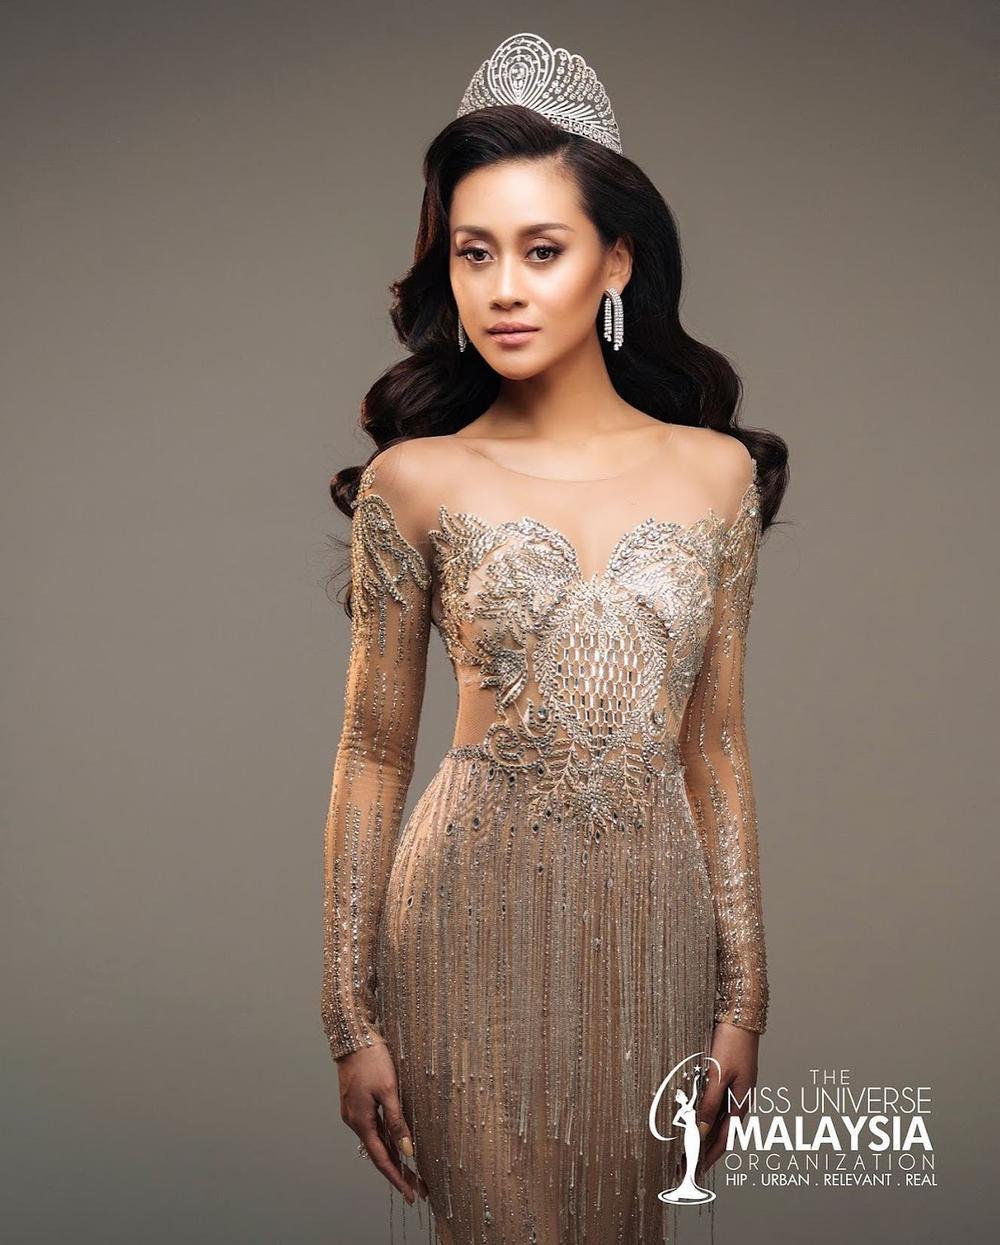 6 lí do khiến được fan trông chờ nhất tại Miss Universe 2020: Khánh Vân có đủ 'yêu thương' để intop Ảnh 3